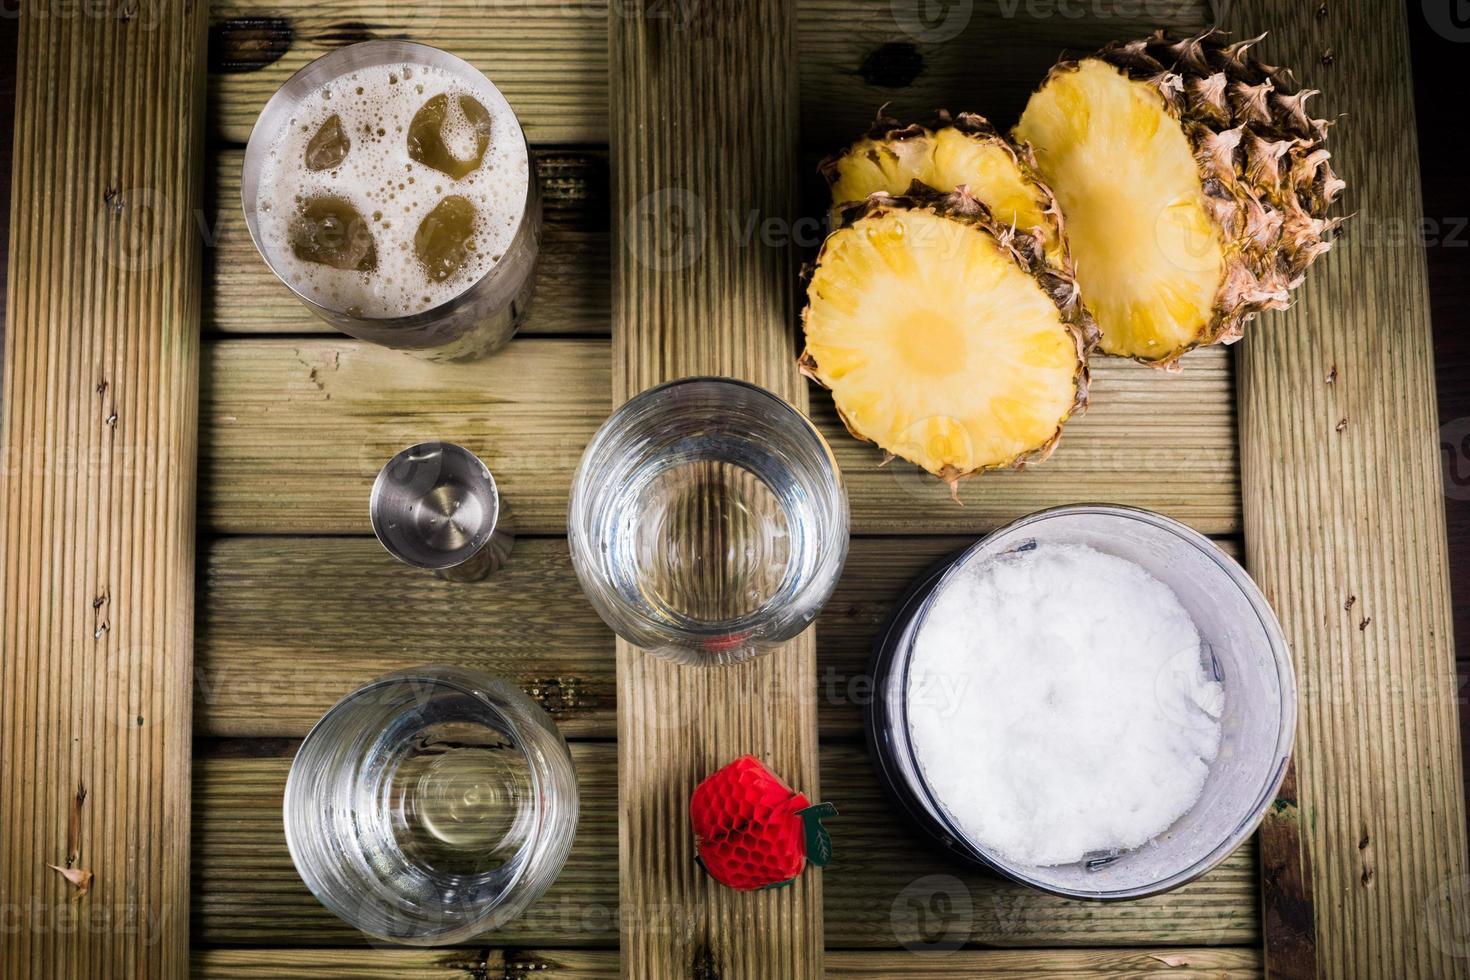 piña colada cocktailbereidingen foto